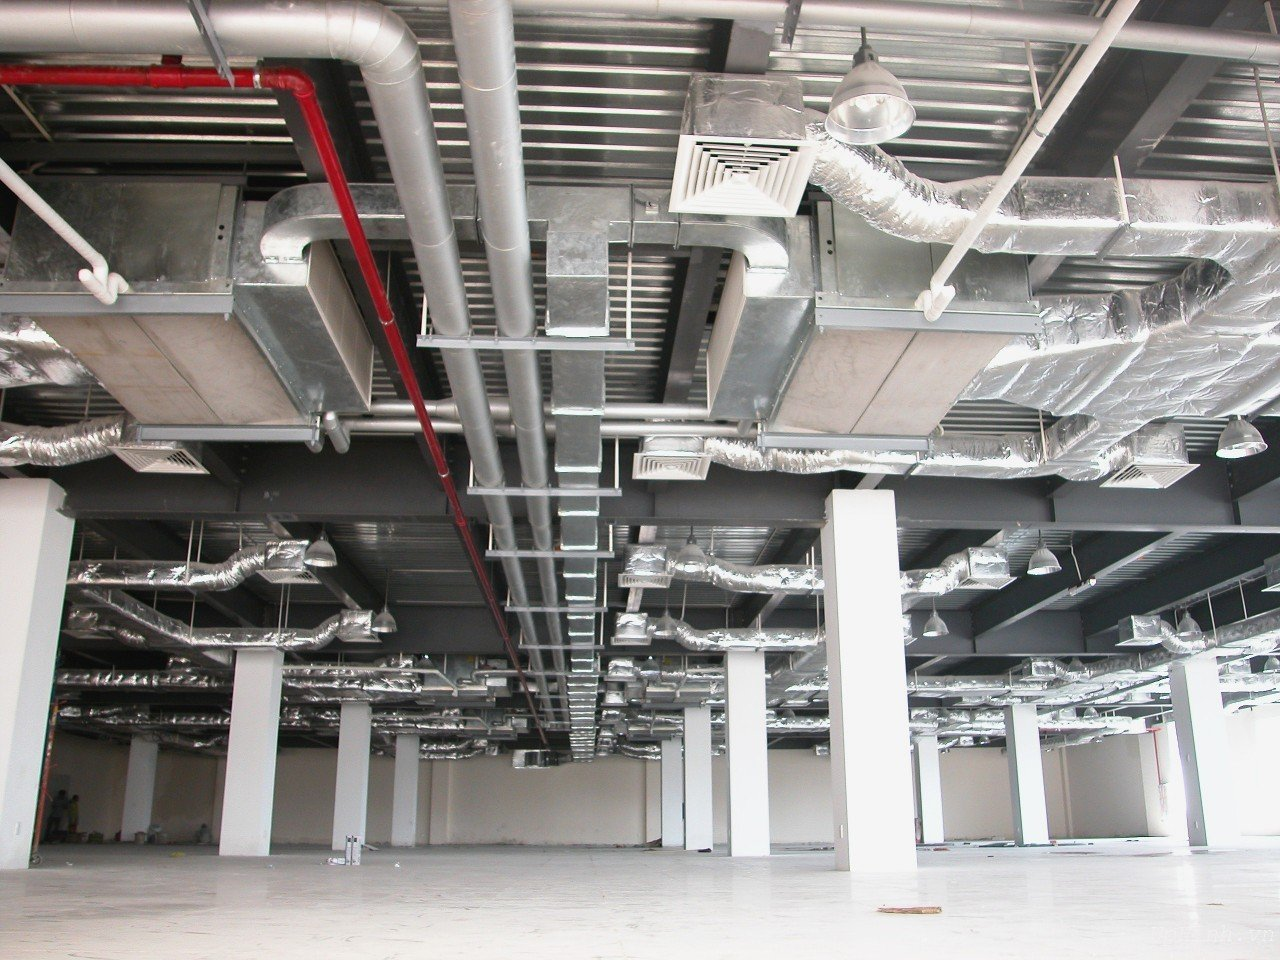 Tích hợp việc sử dụng máy hút ẩm công nghiệp FujiE vào hệ thống thông gió và điều hòa